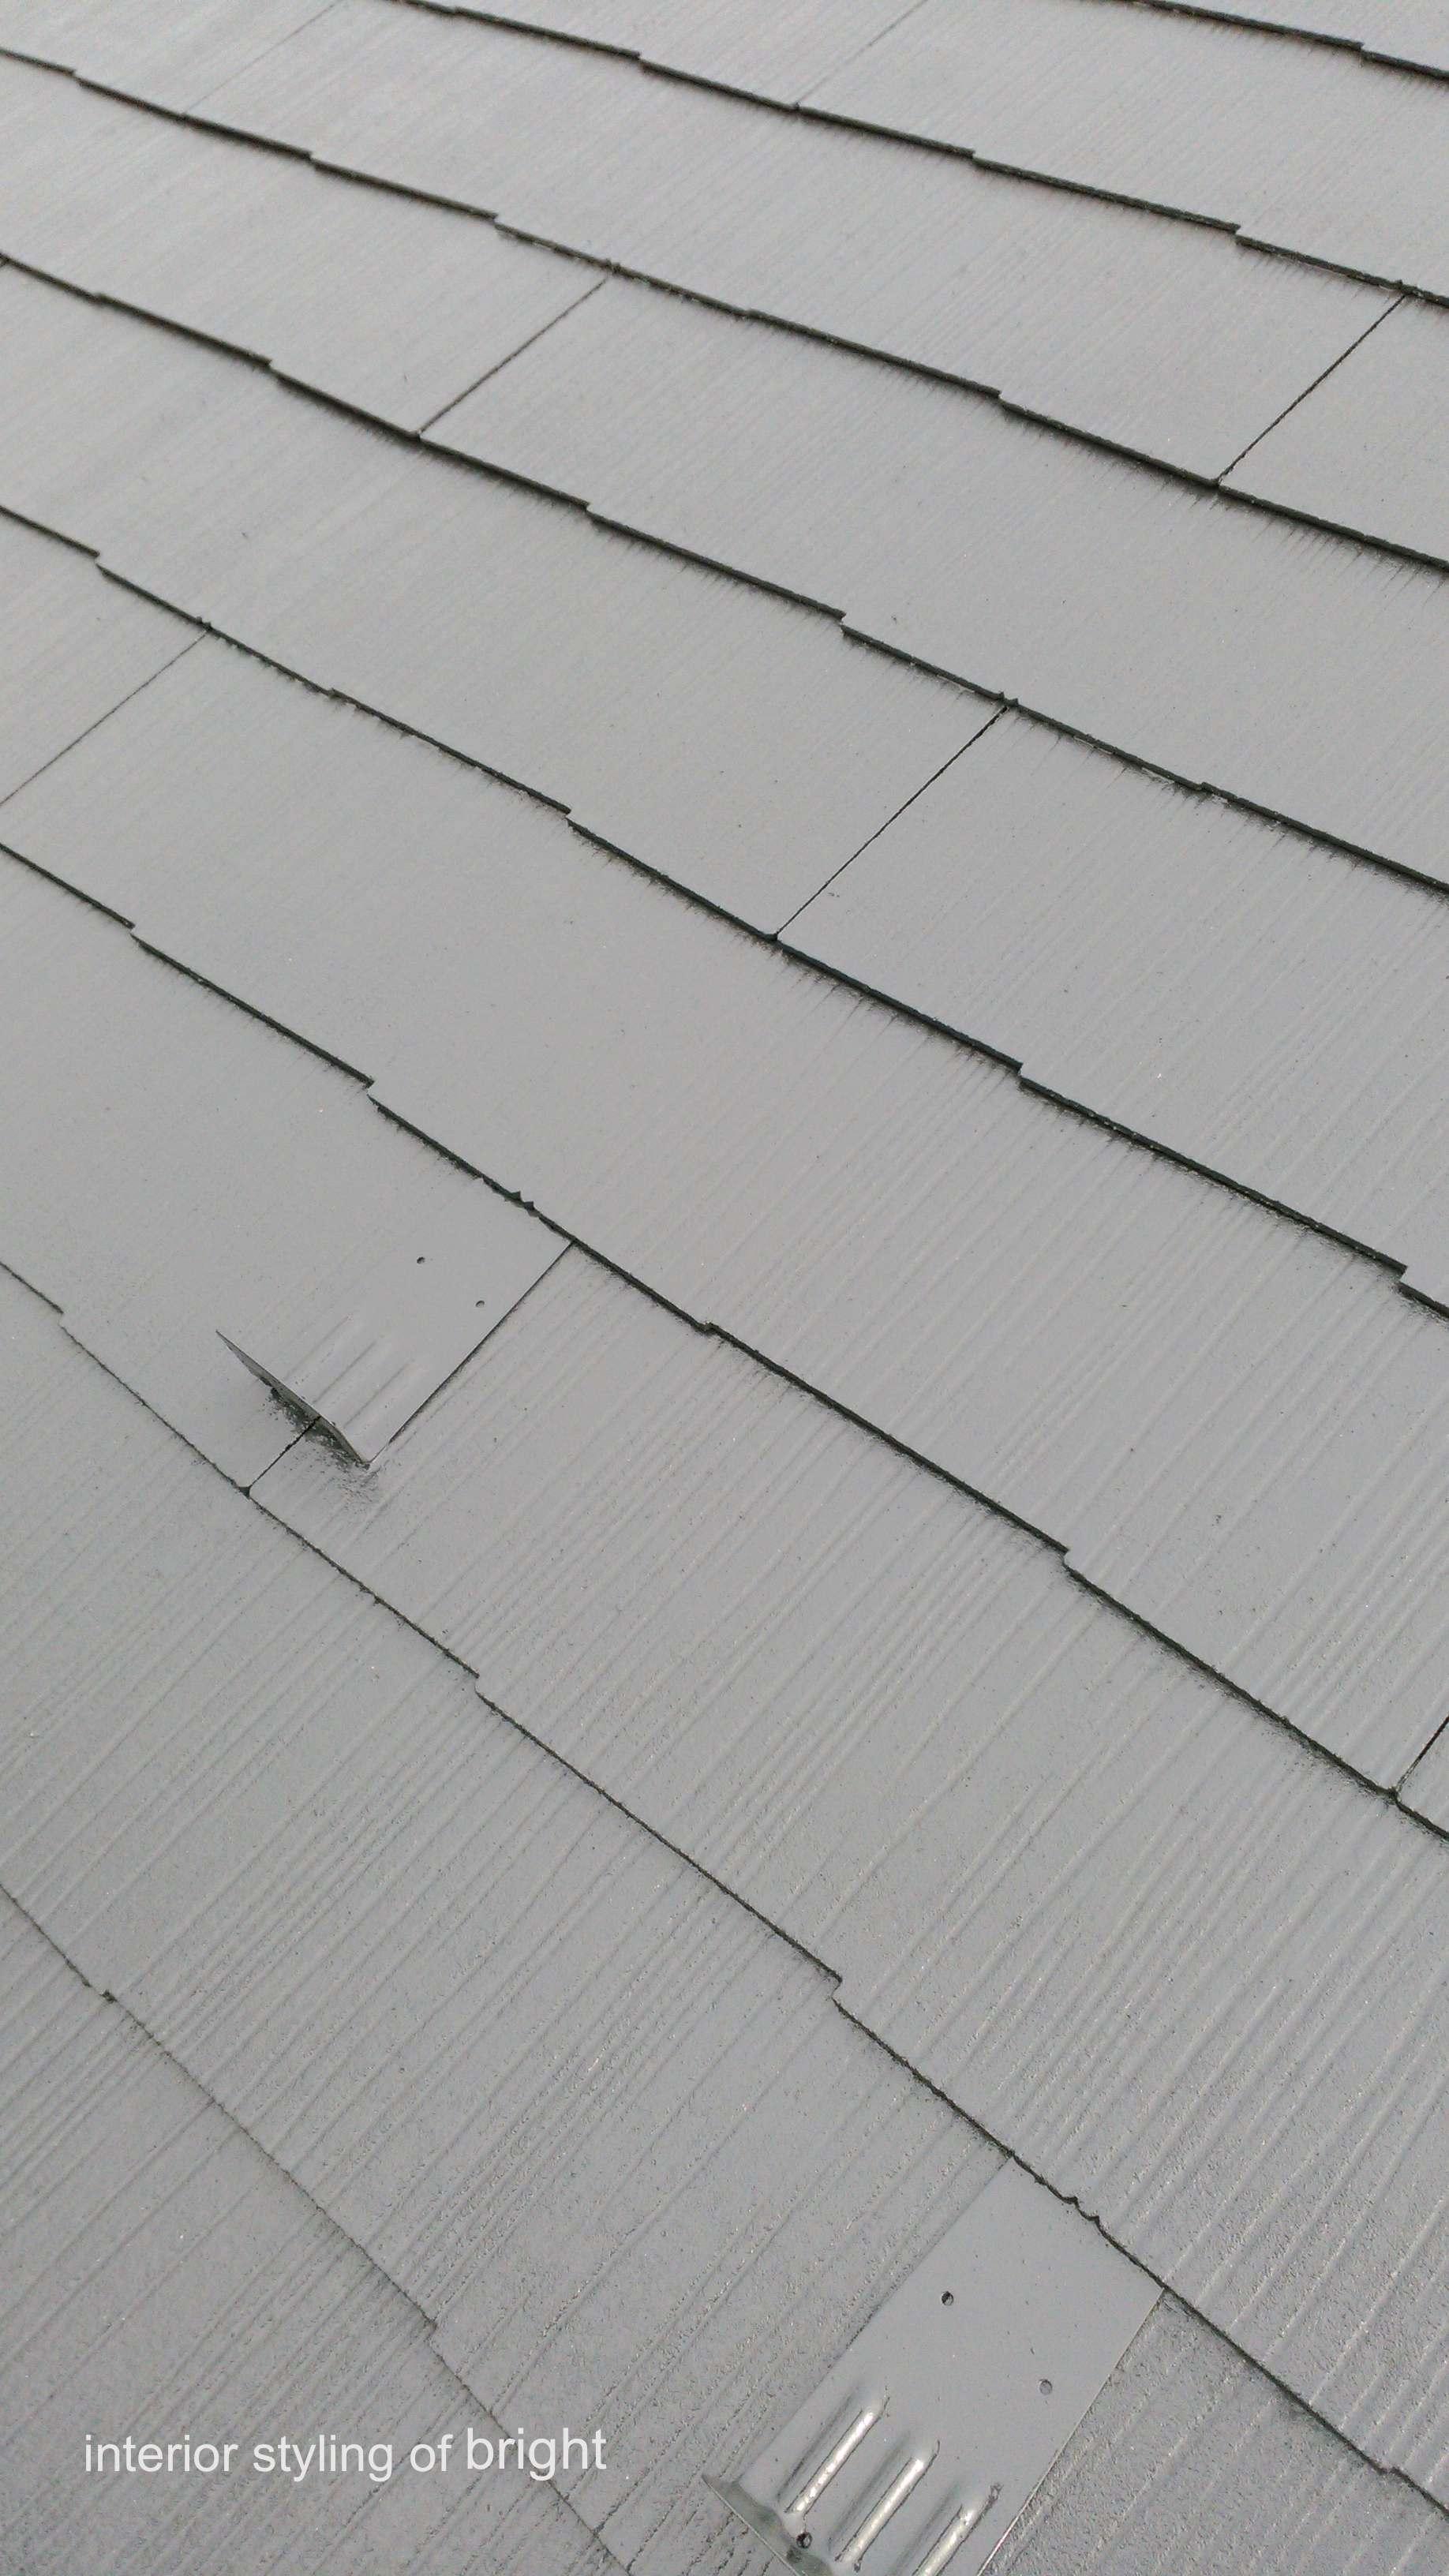 屋根外壁塗装 高圧洗浄と屋根塗装 オーダーカーテン・輸入壁紙のブライト_c0157866_14565913.jpg